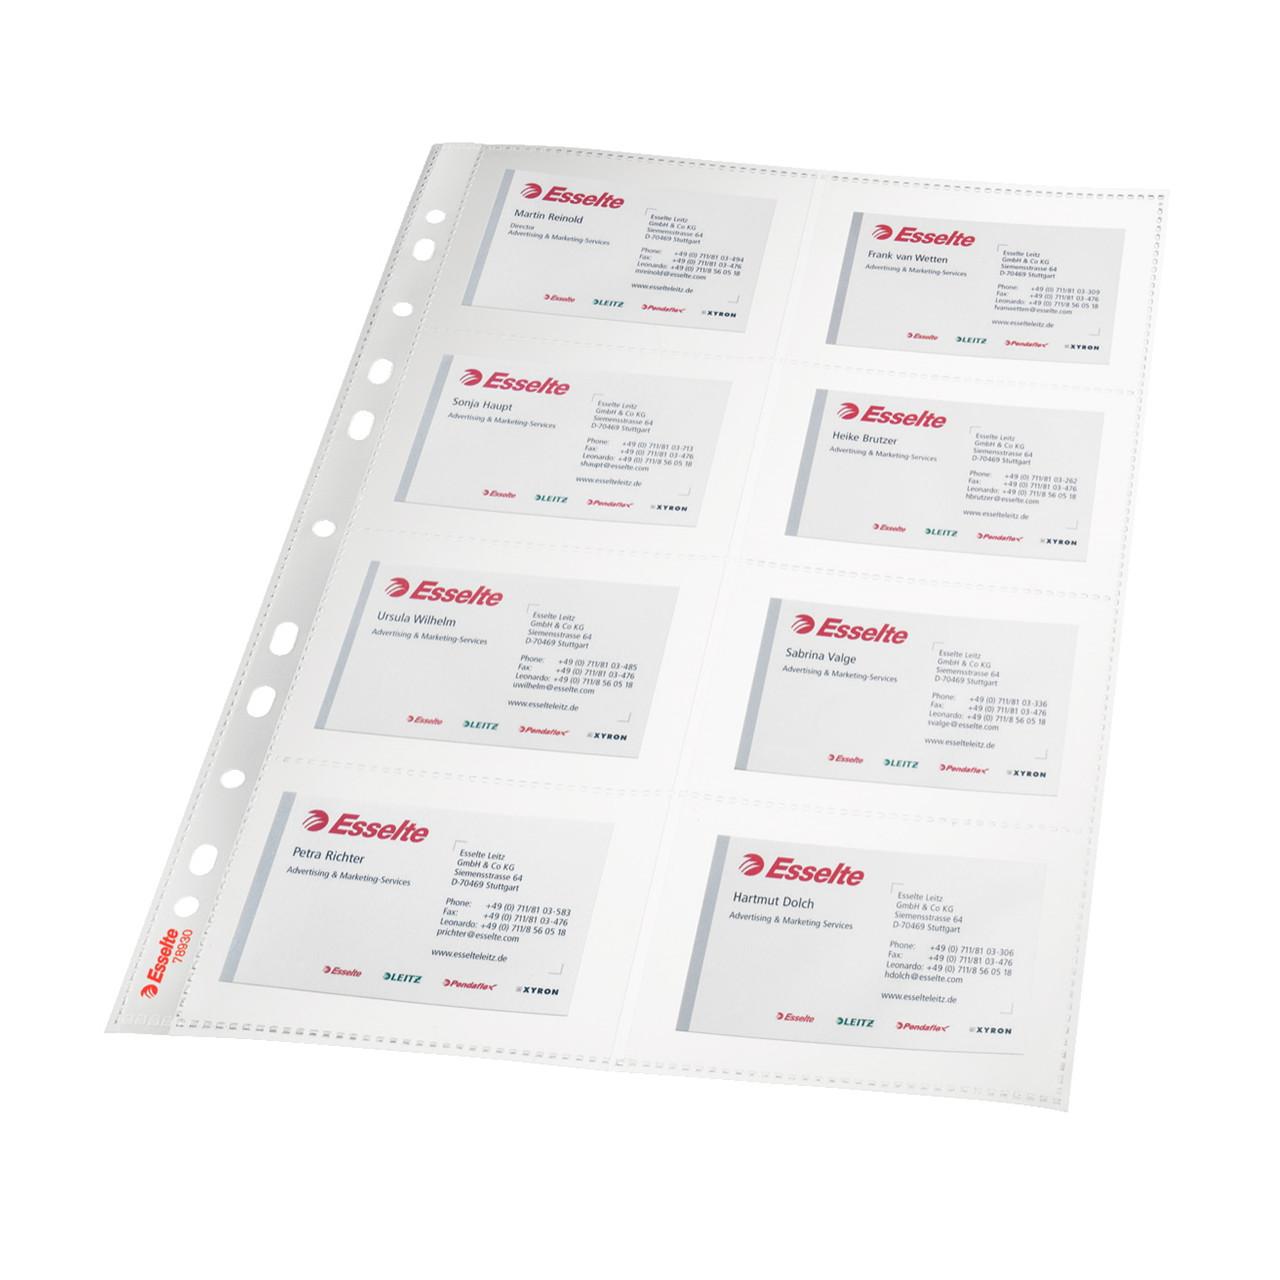 plastlomme til visitkort a4 glasklar til 16 kort 10 stk i pose